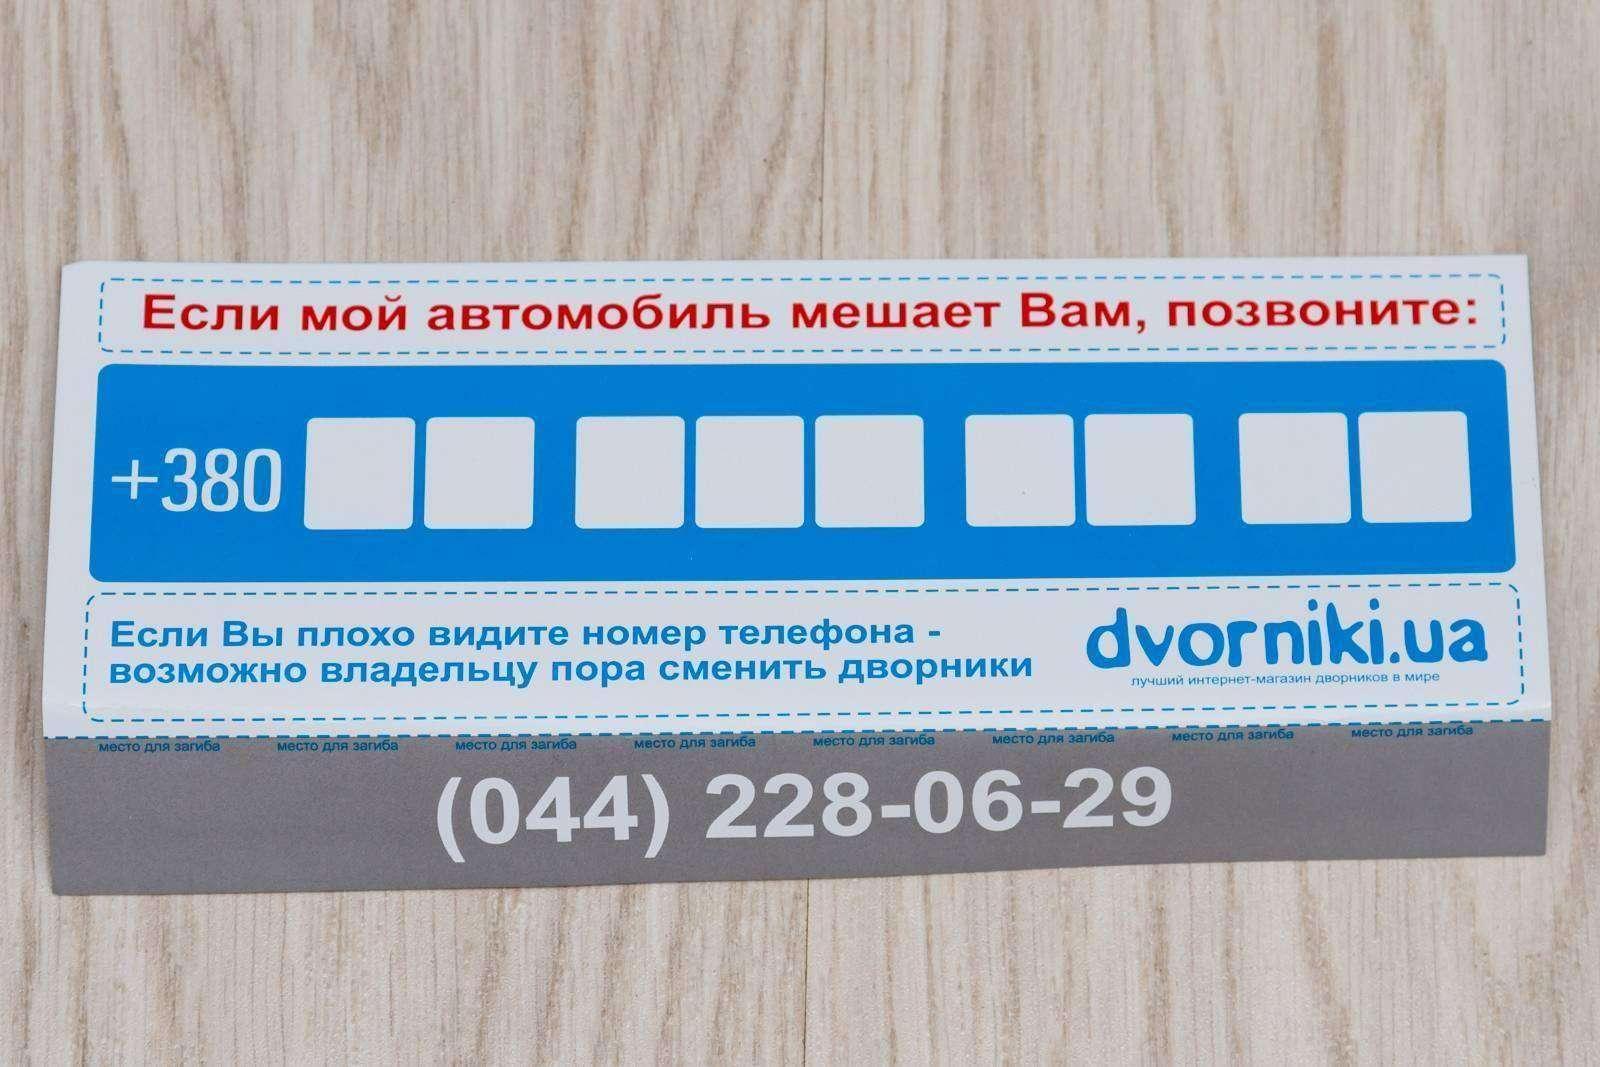 Другие - Украина: Недорогие дворники Wiperblades на peugeout